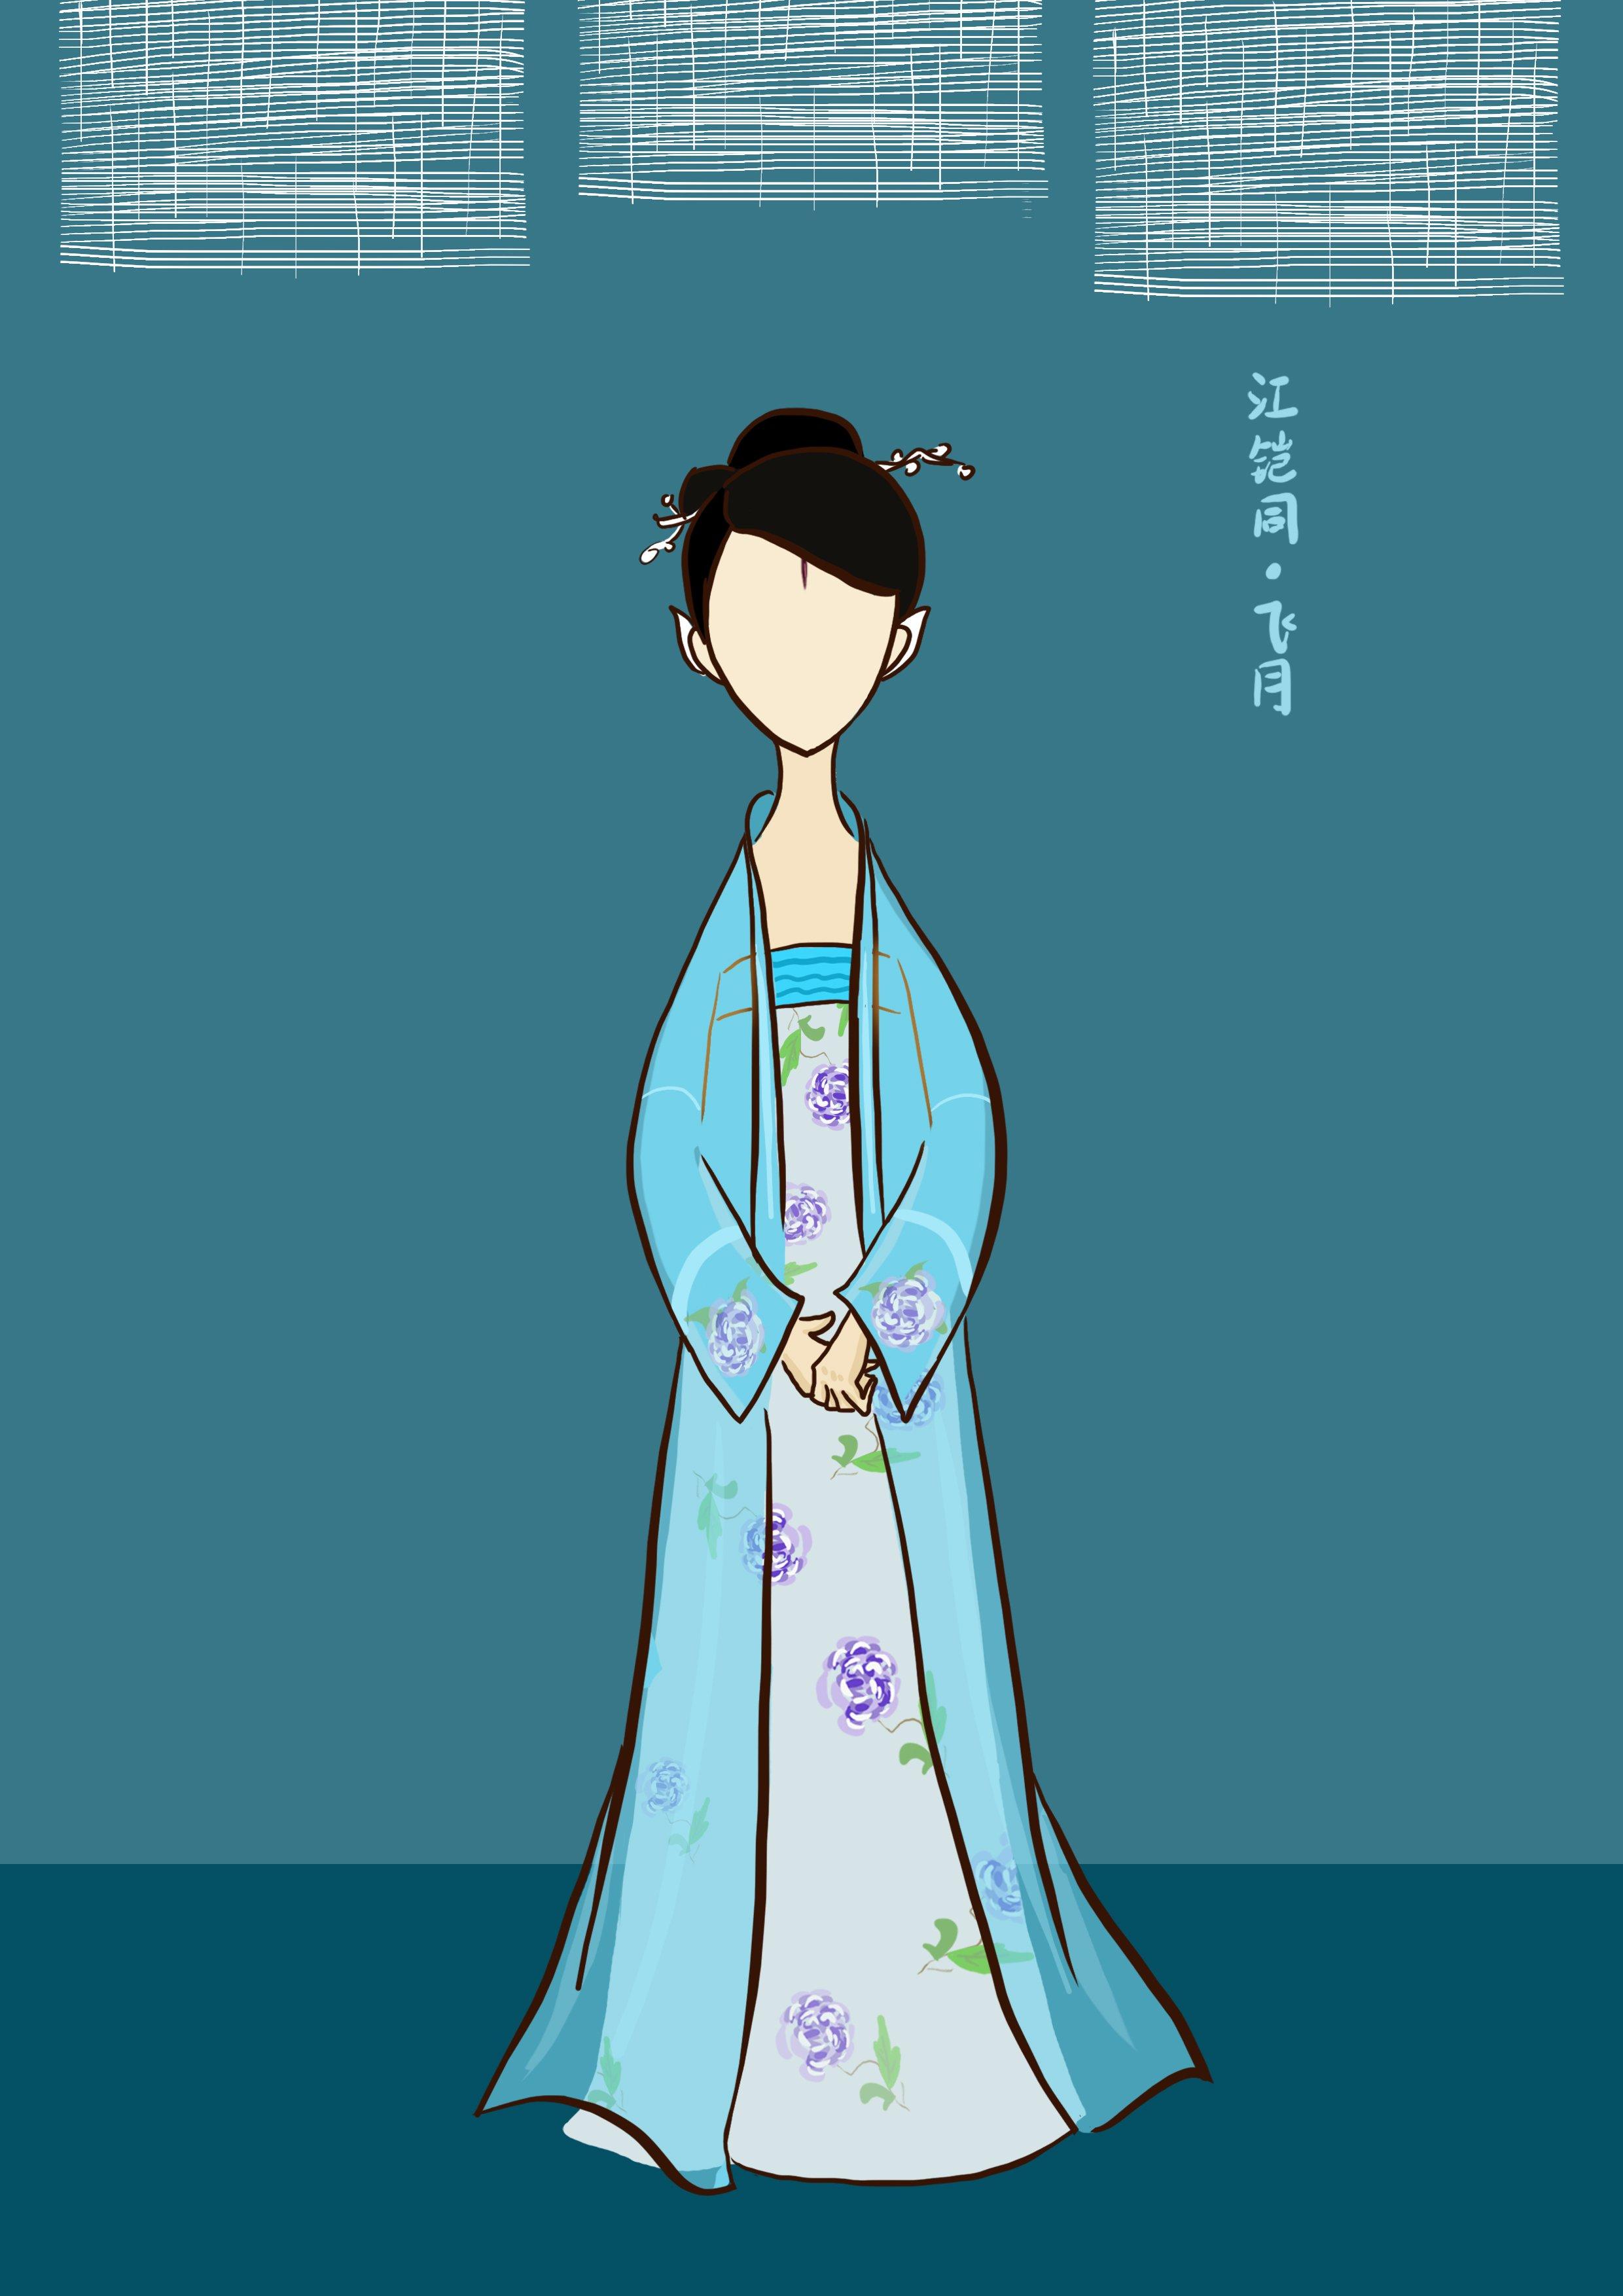 分类: 原创 标签: 原创 同人 青丘狐传说 简约,原创,古风,无脸小人